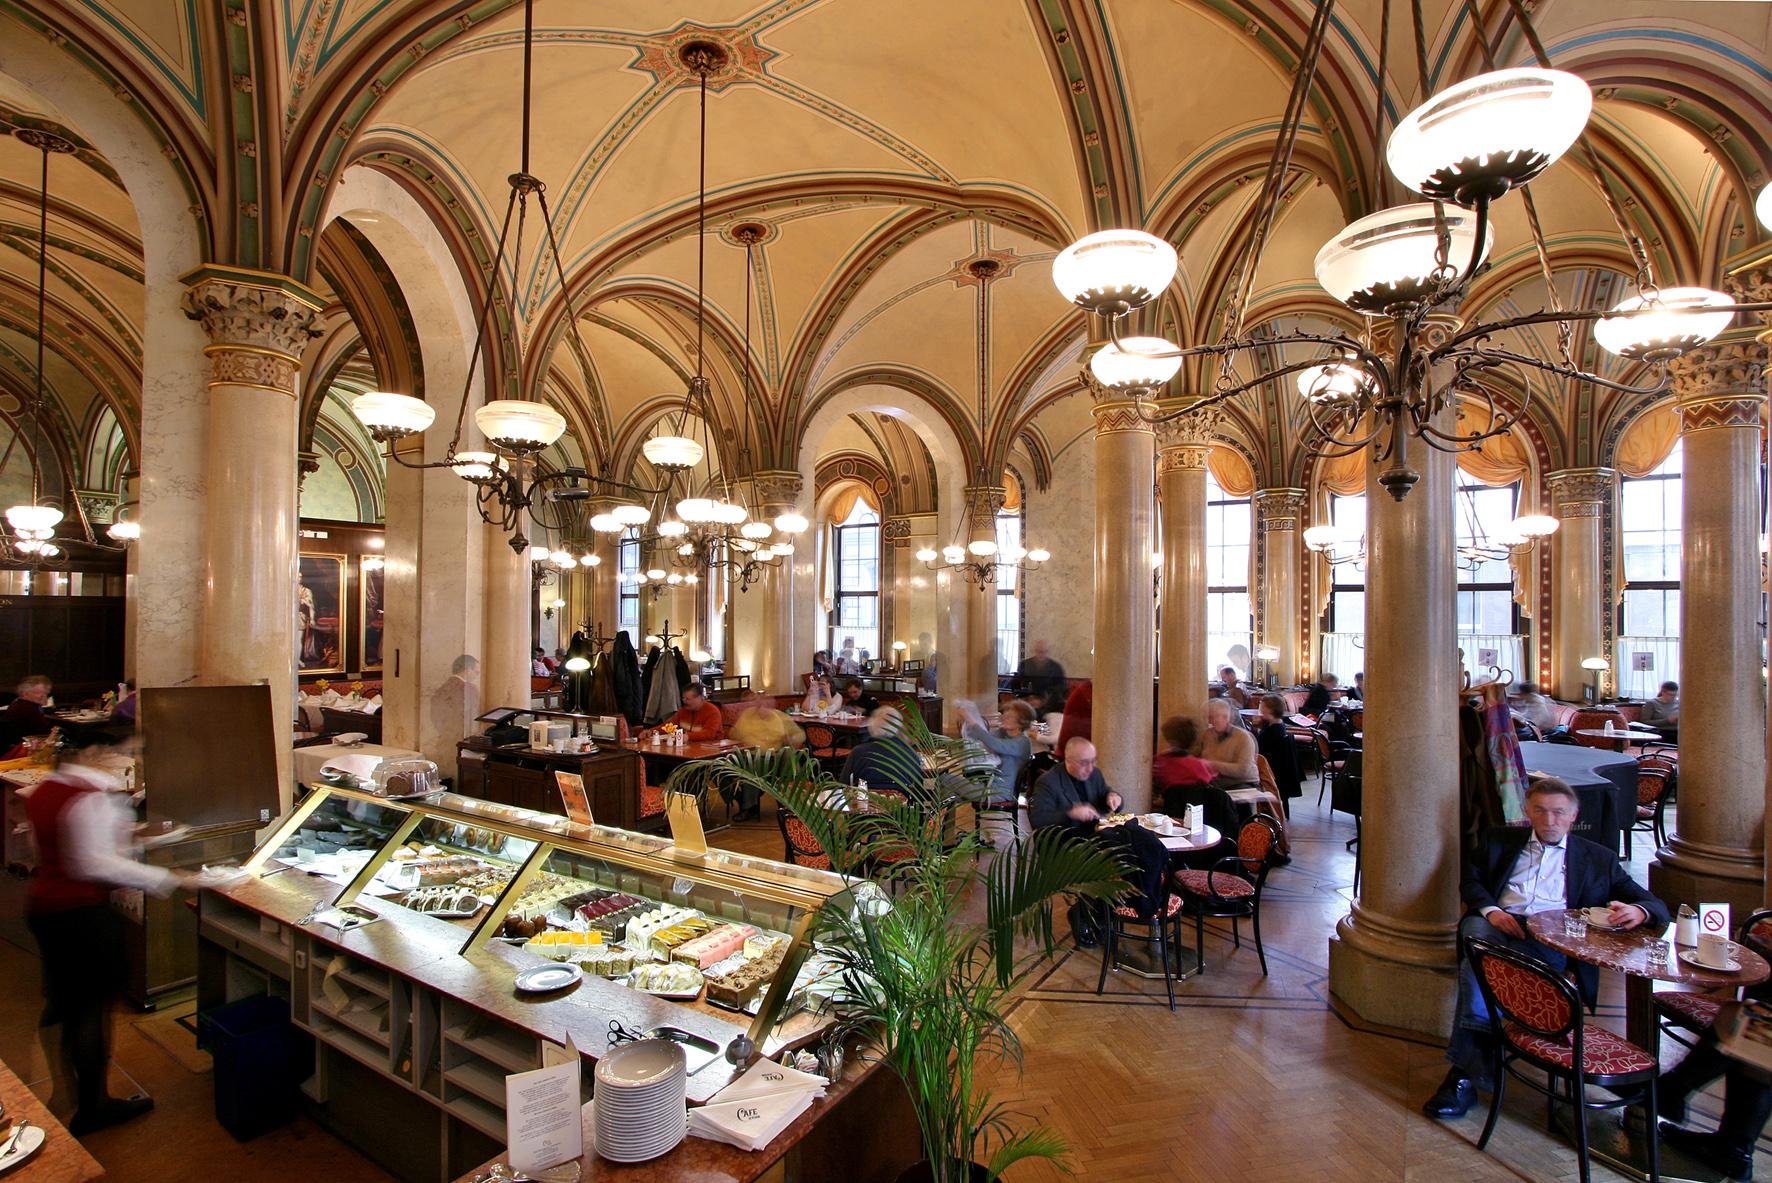 caffè storici Una bella immagine del Café Central di Vienna